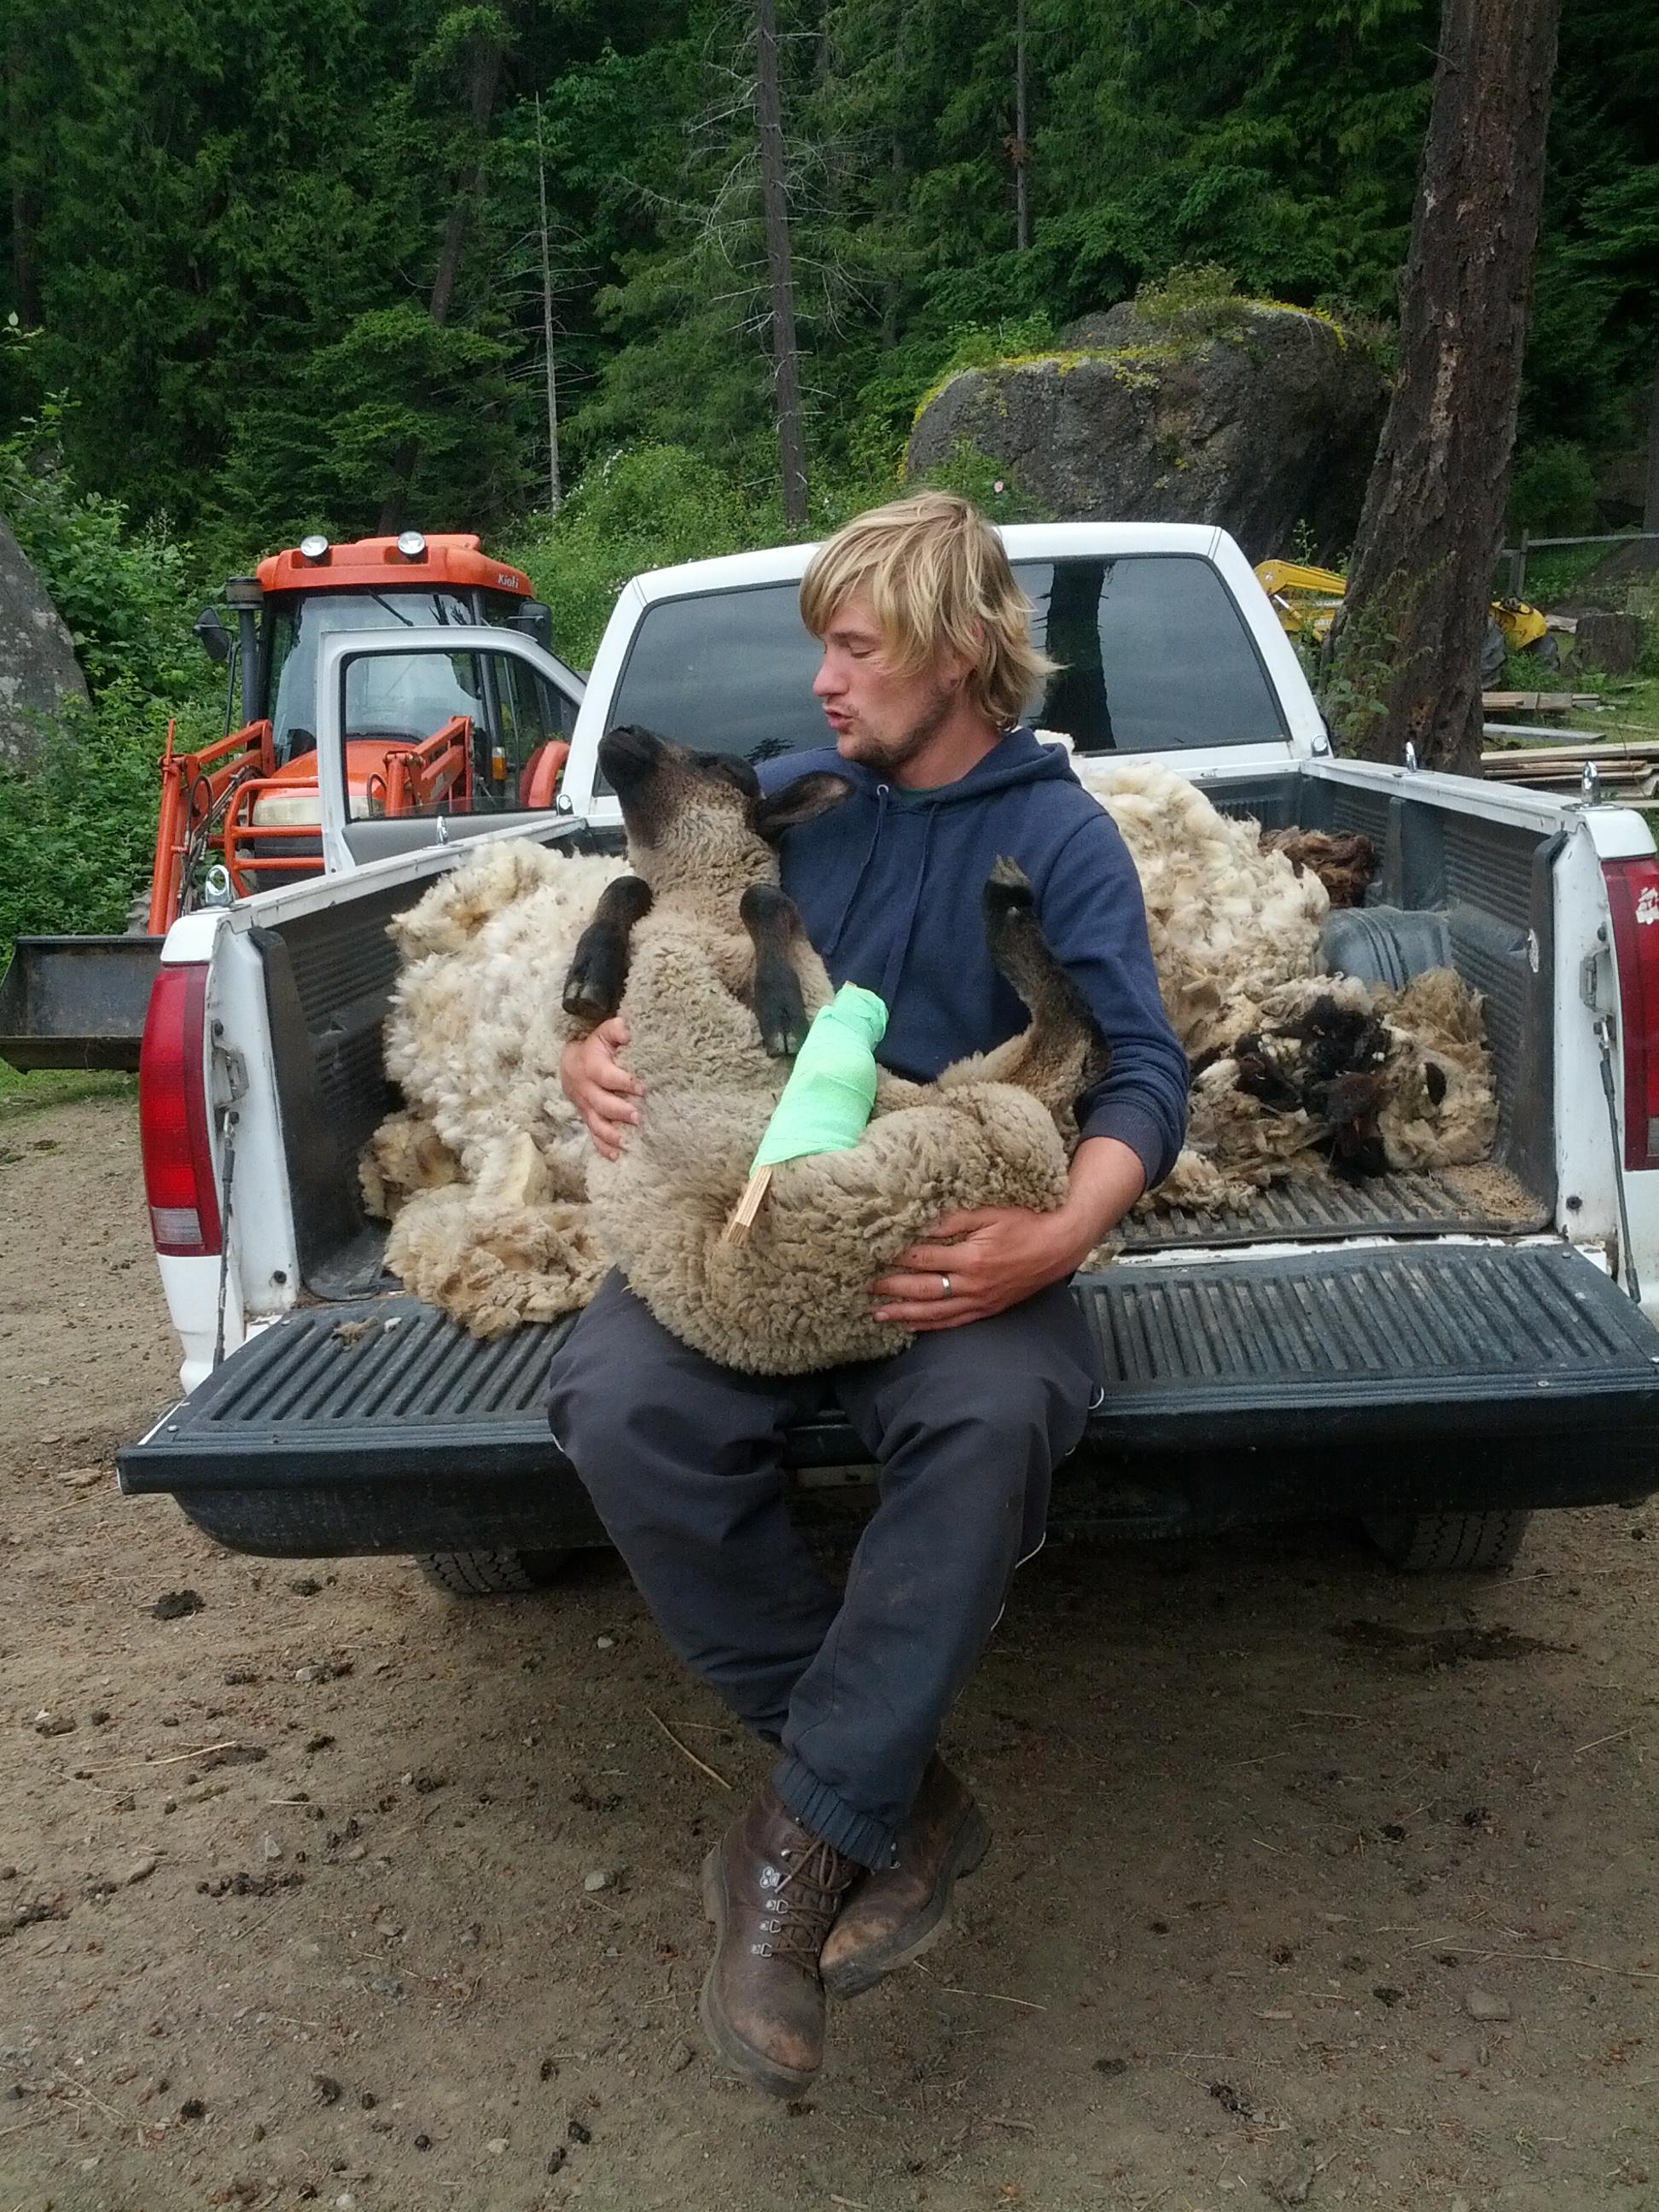 nils taking care of an injured sheep